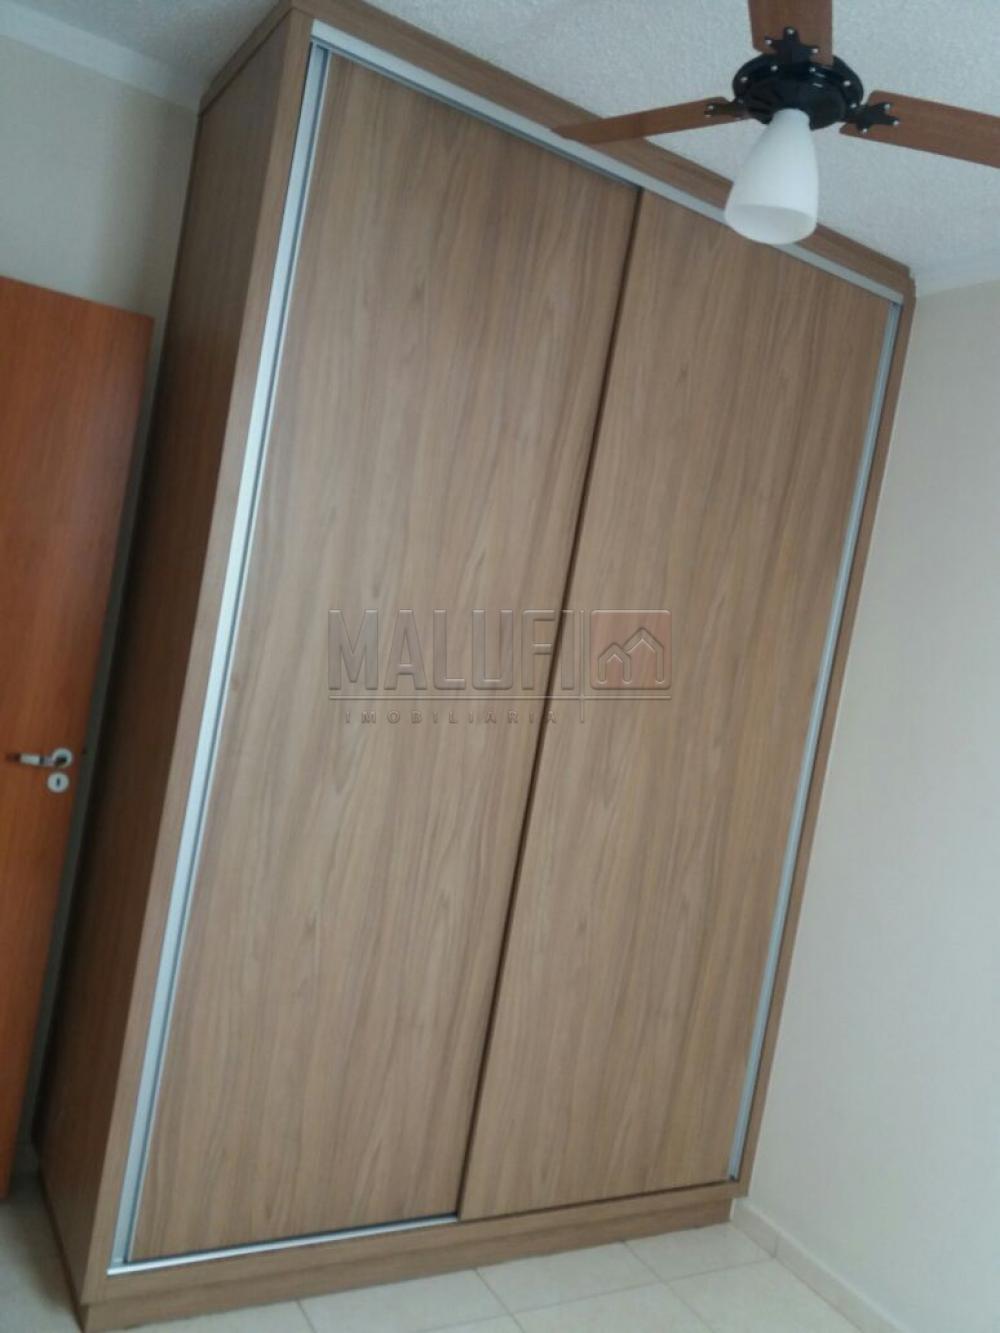 Alugar Apartamentos / Padrão em São José do Rio Preto apenas R$ 1.200,00 - Foto 17